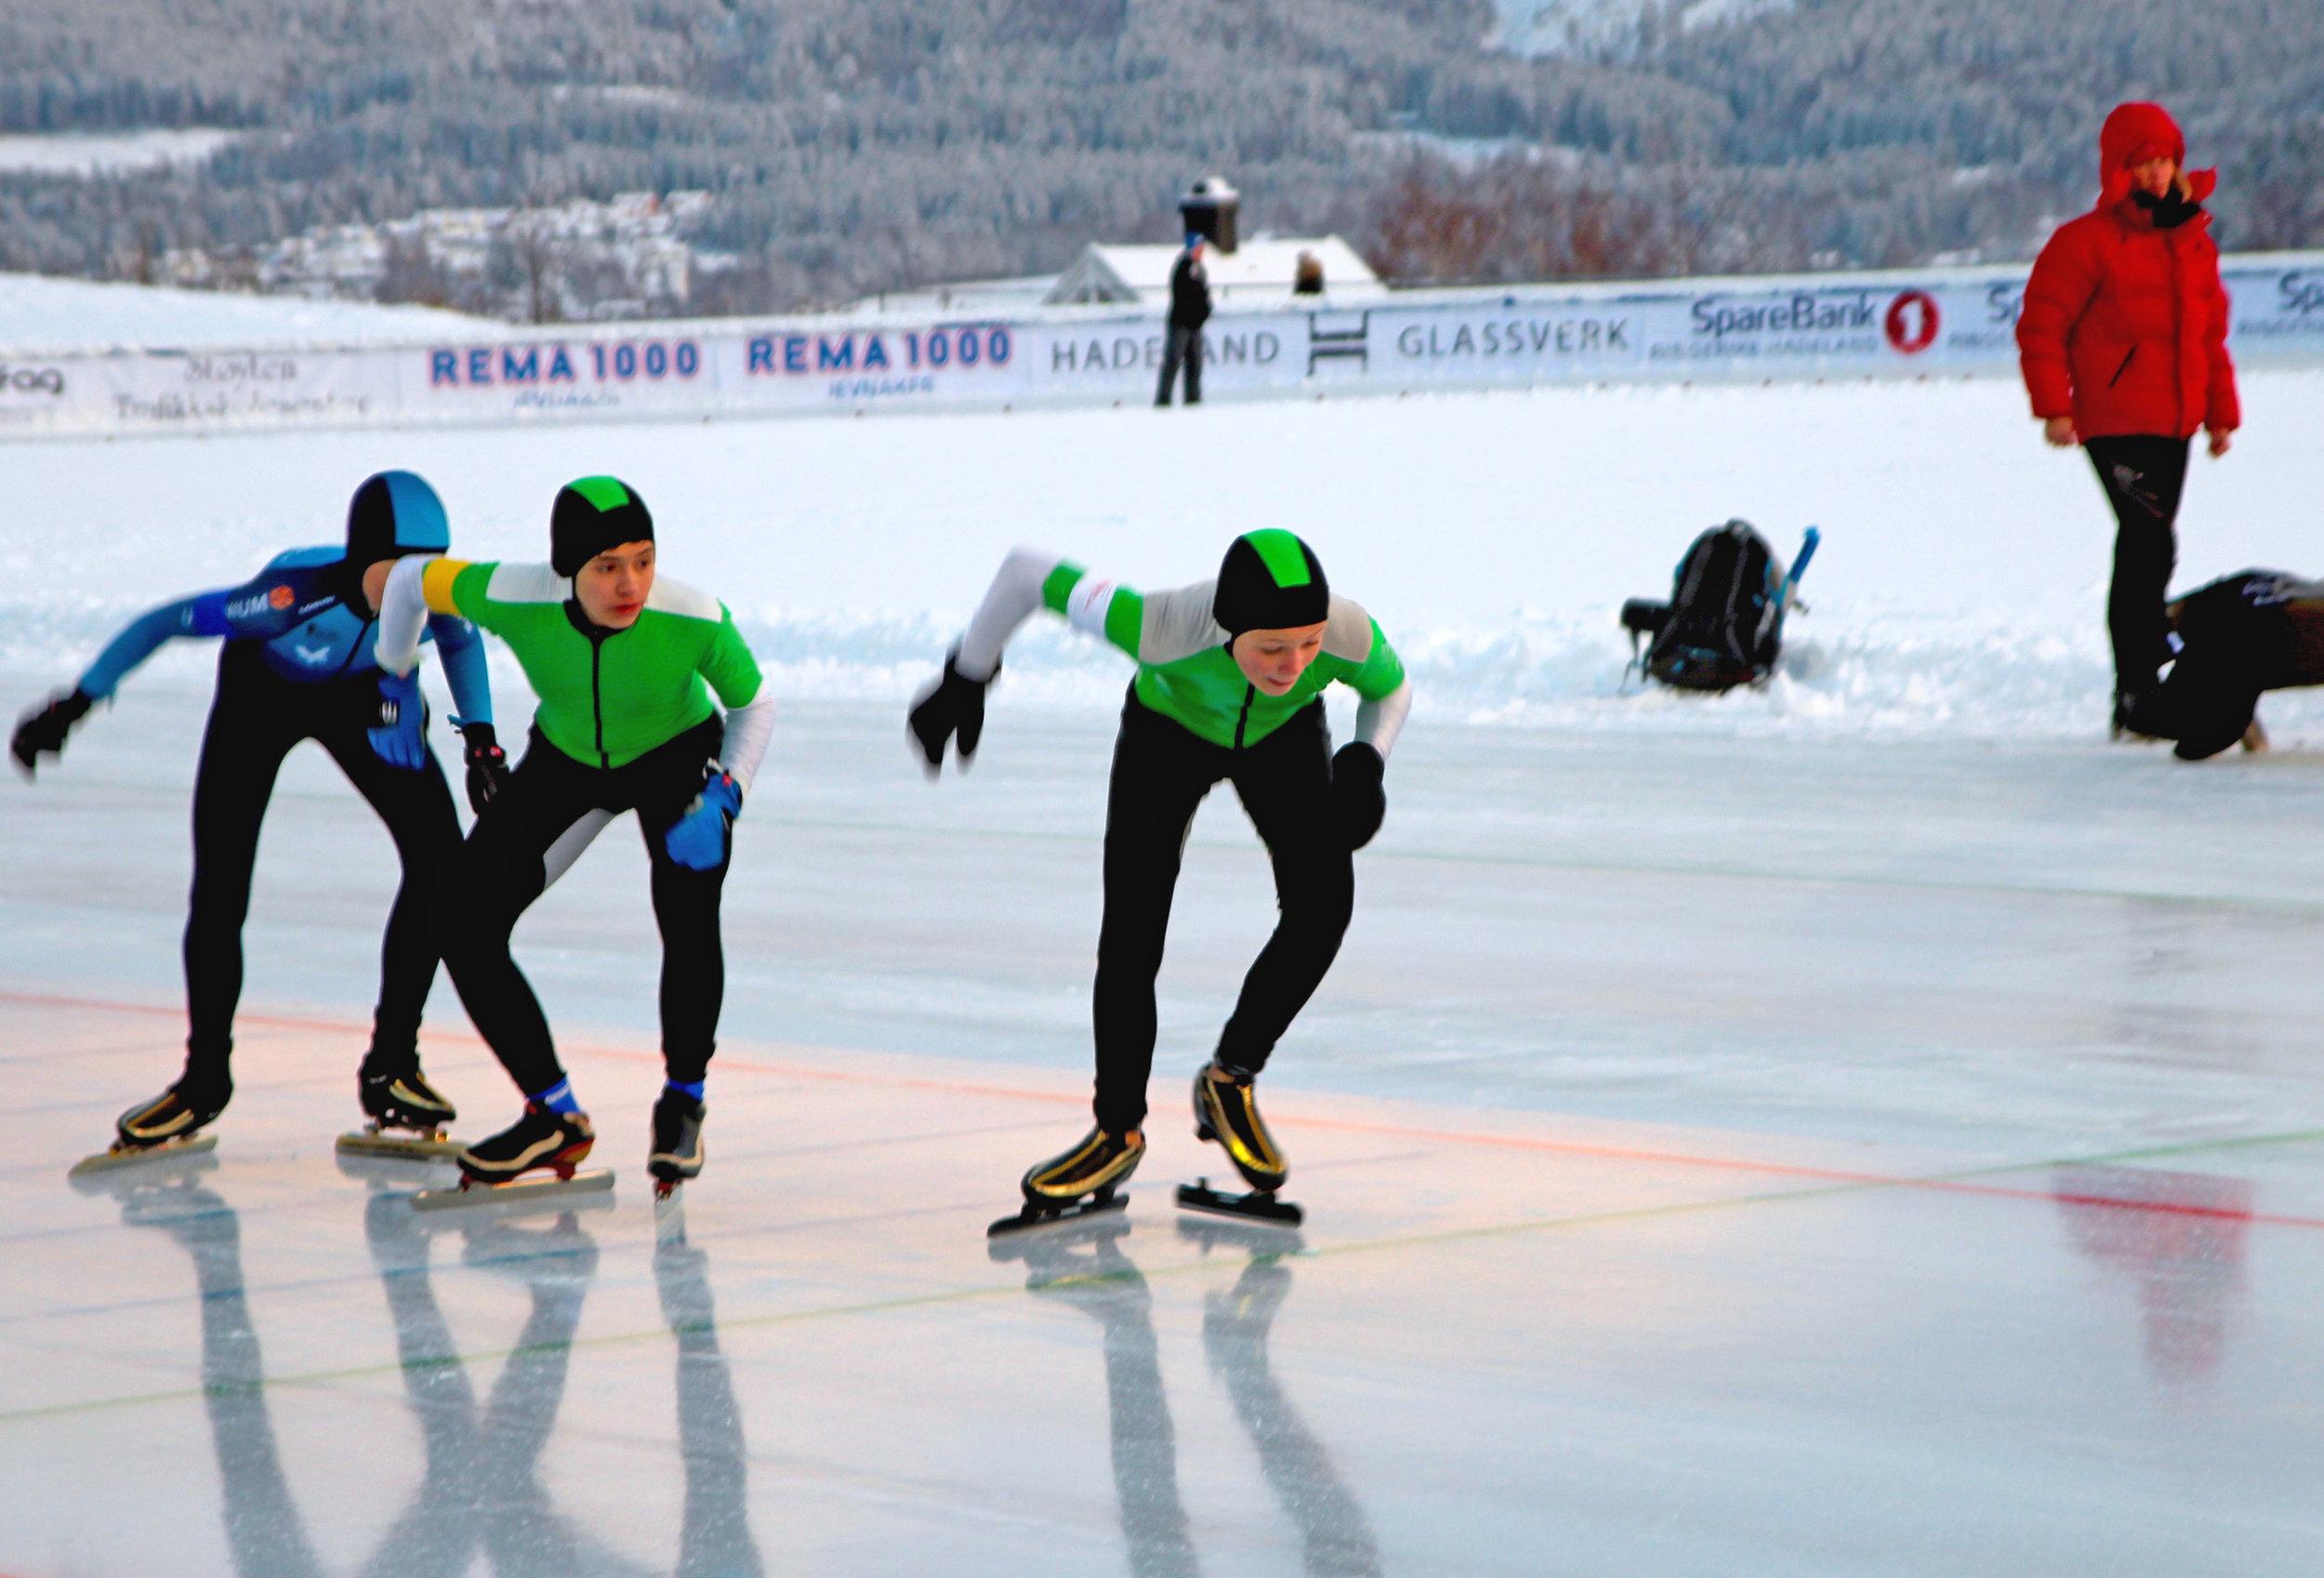 Vinnerlaget i teamsprint ved fra v. Tinius Rambøl Alme, David Luangtep Vangen og Fredrik Pedersen (OSK). (Foto: Monika Risnes)